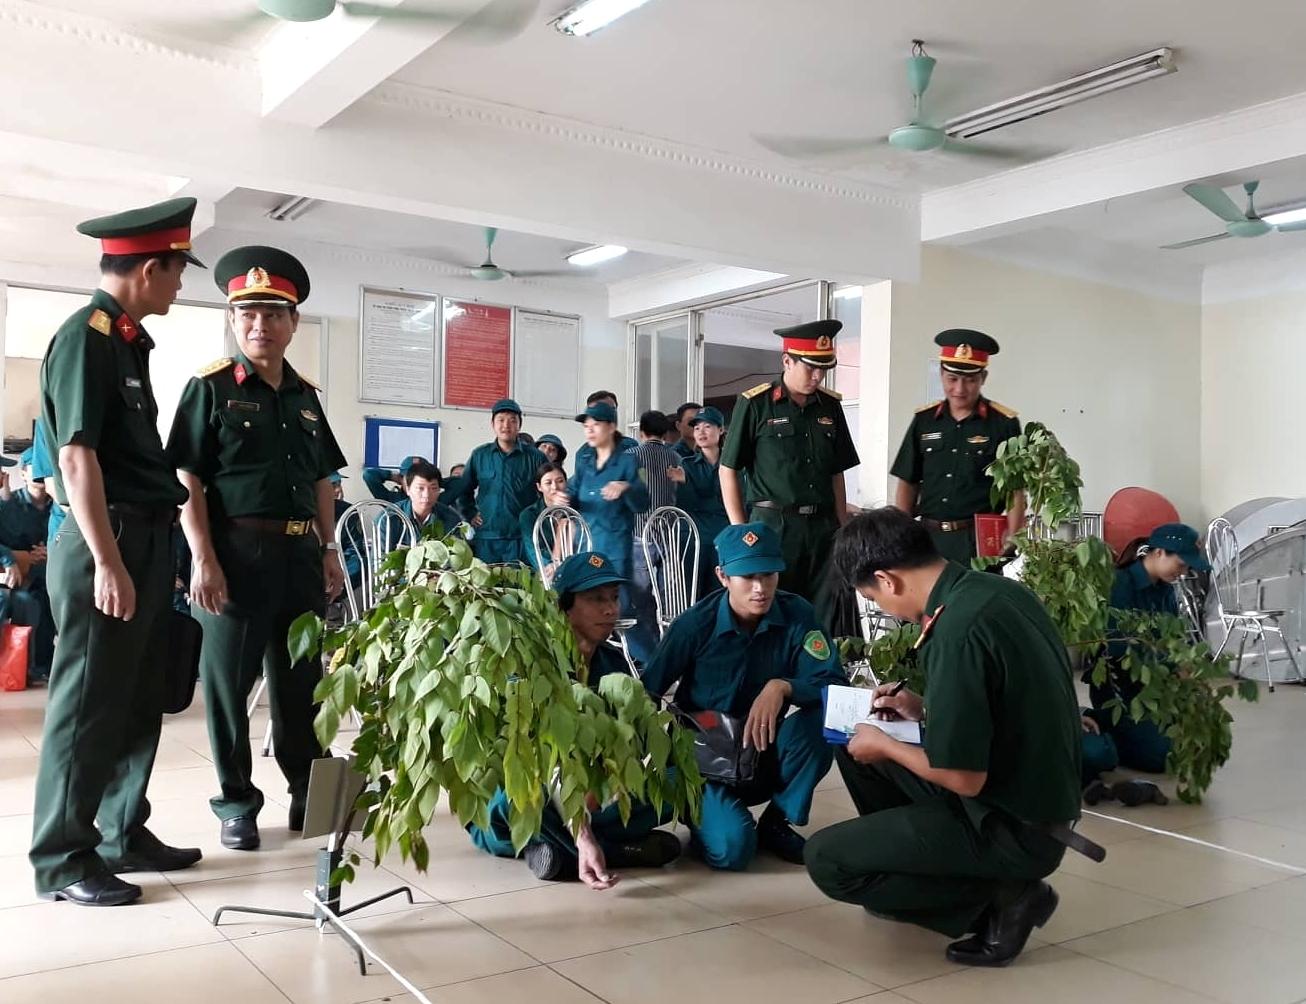 Tự vệ Khối cơ quan và các đơn vị thành viên khu vực Long Biên tham gia Hội thao quốc phòng Dân quân tự vệ quận Long Biên năm 2018